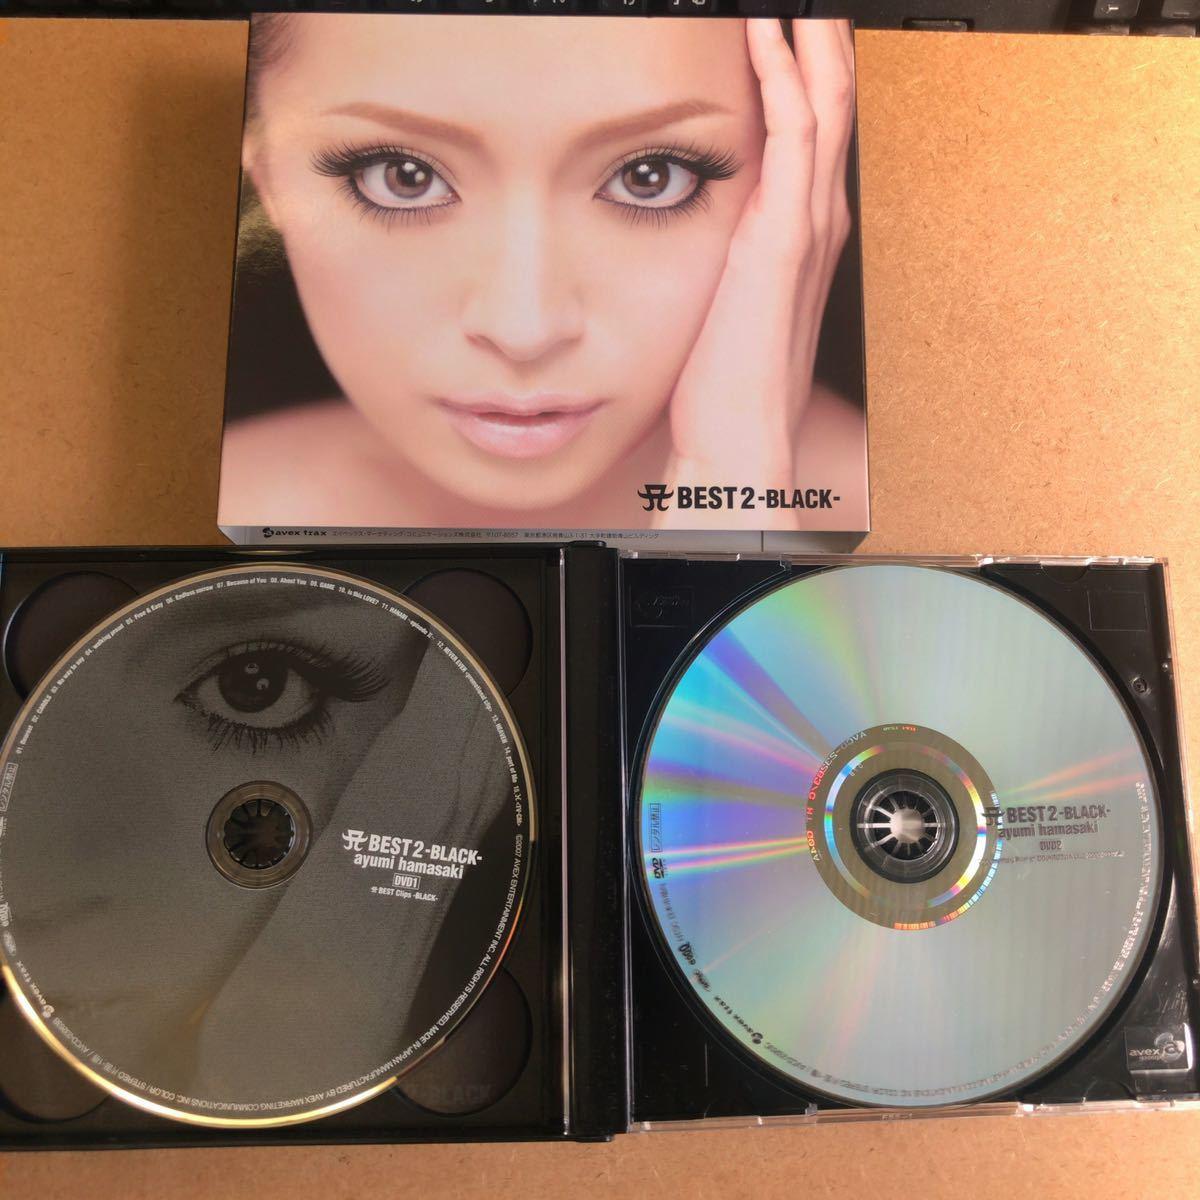 浜崎あゆみ『A BEST 2 -BLACK-』初回限定盤CD+2DVD155分収録☆美品☆ベストアルバム☆215_画像4